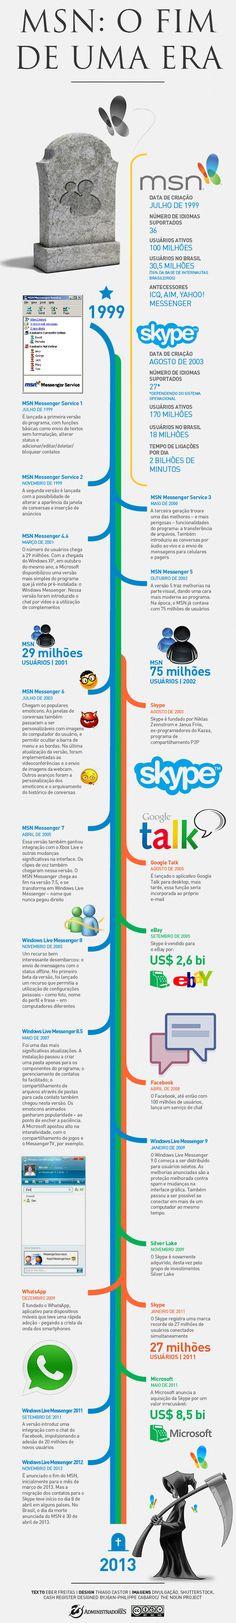 Infográfico aborda o nascimento e o fim de uma era chamada MSN